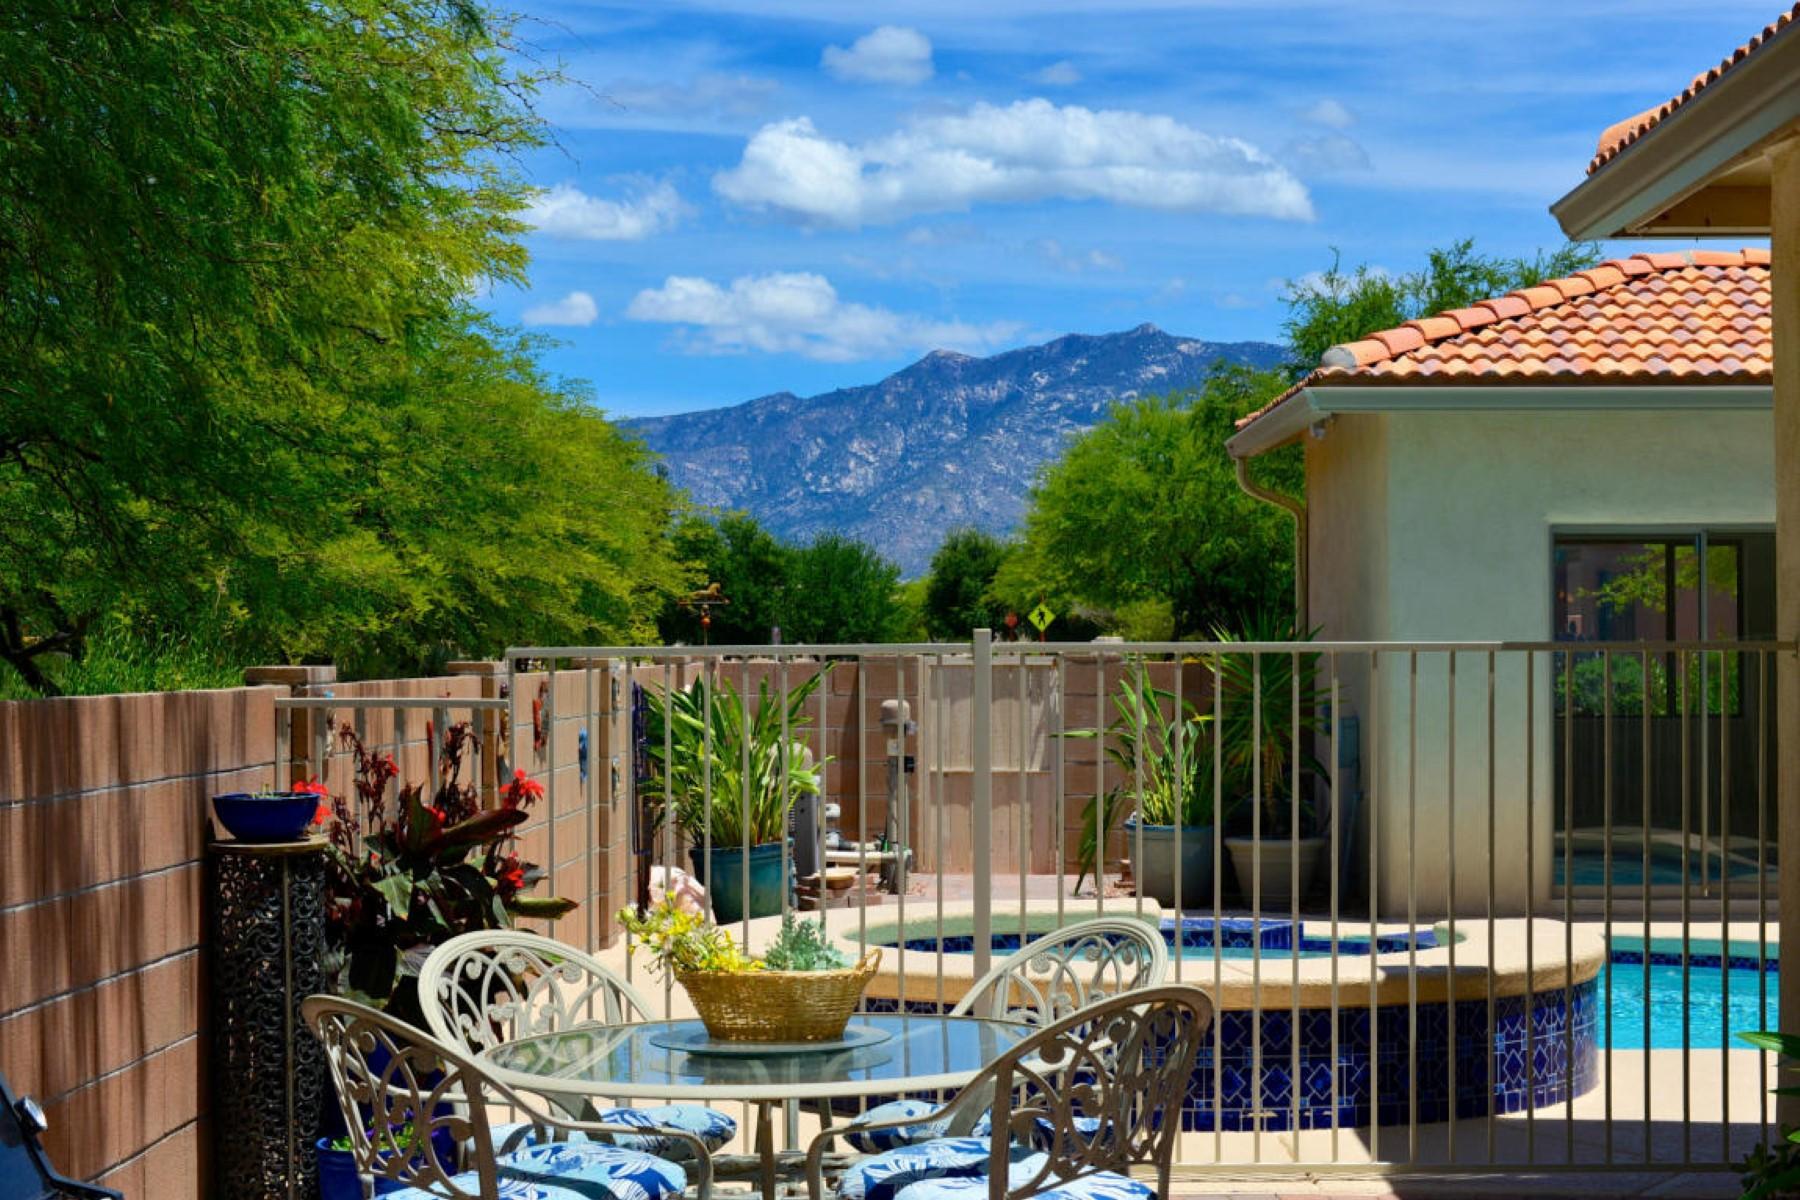 Casa Unifamiliar por un Venta en Charming, private, serene, convenient and immaculate home 13117 N Vintage Drive Oro Valley, Arizona 85755 Estados Unidos